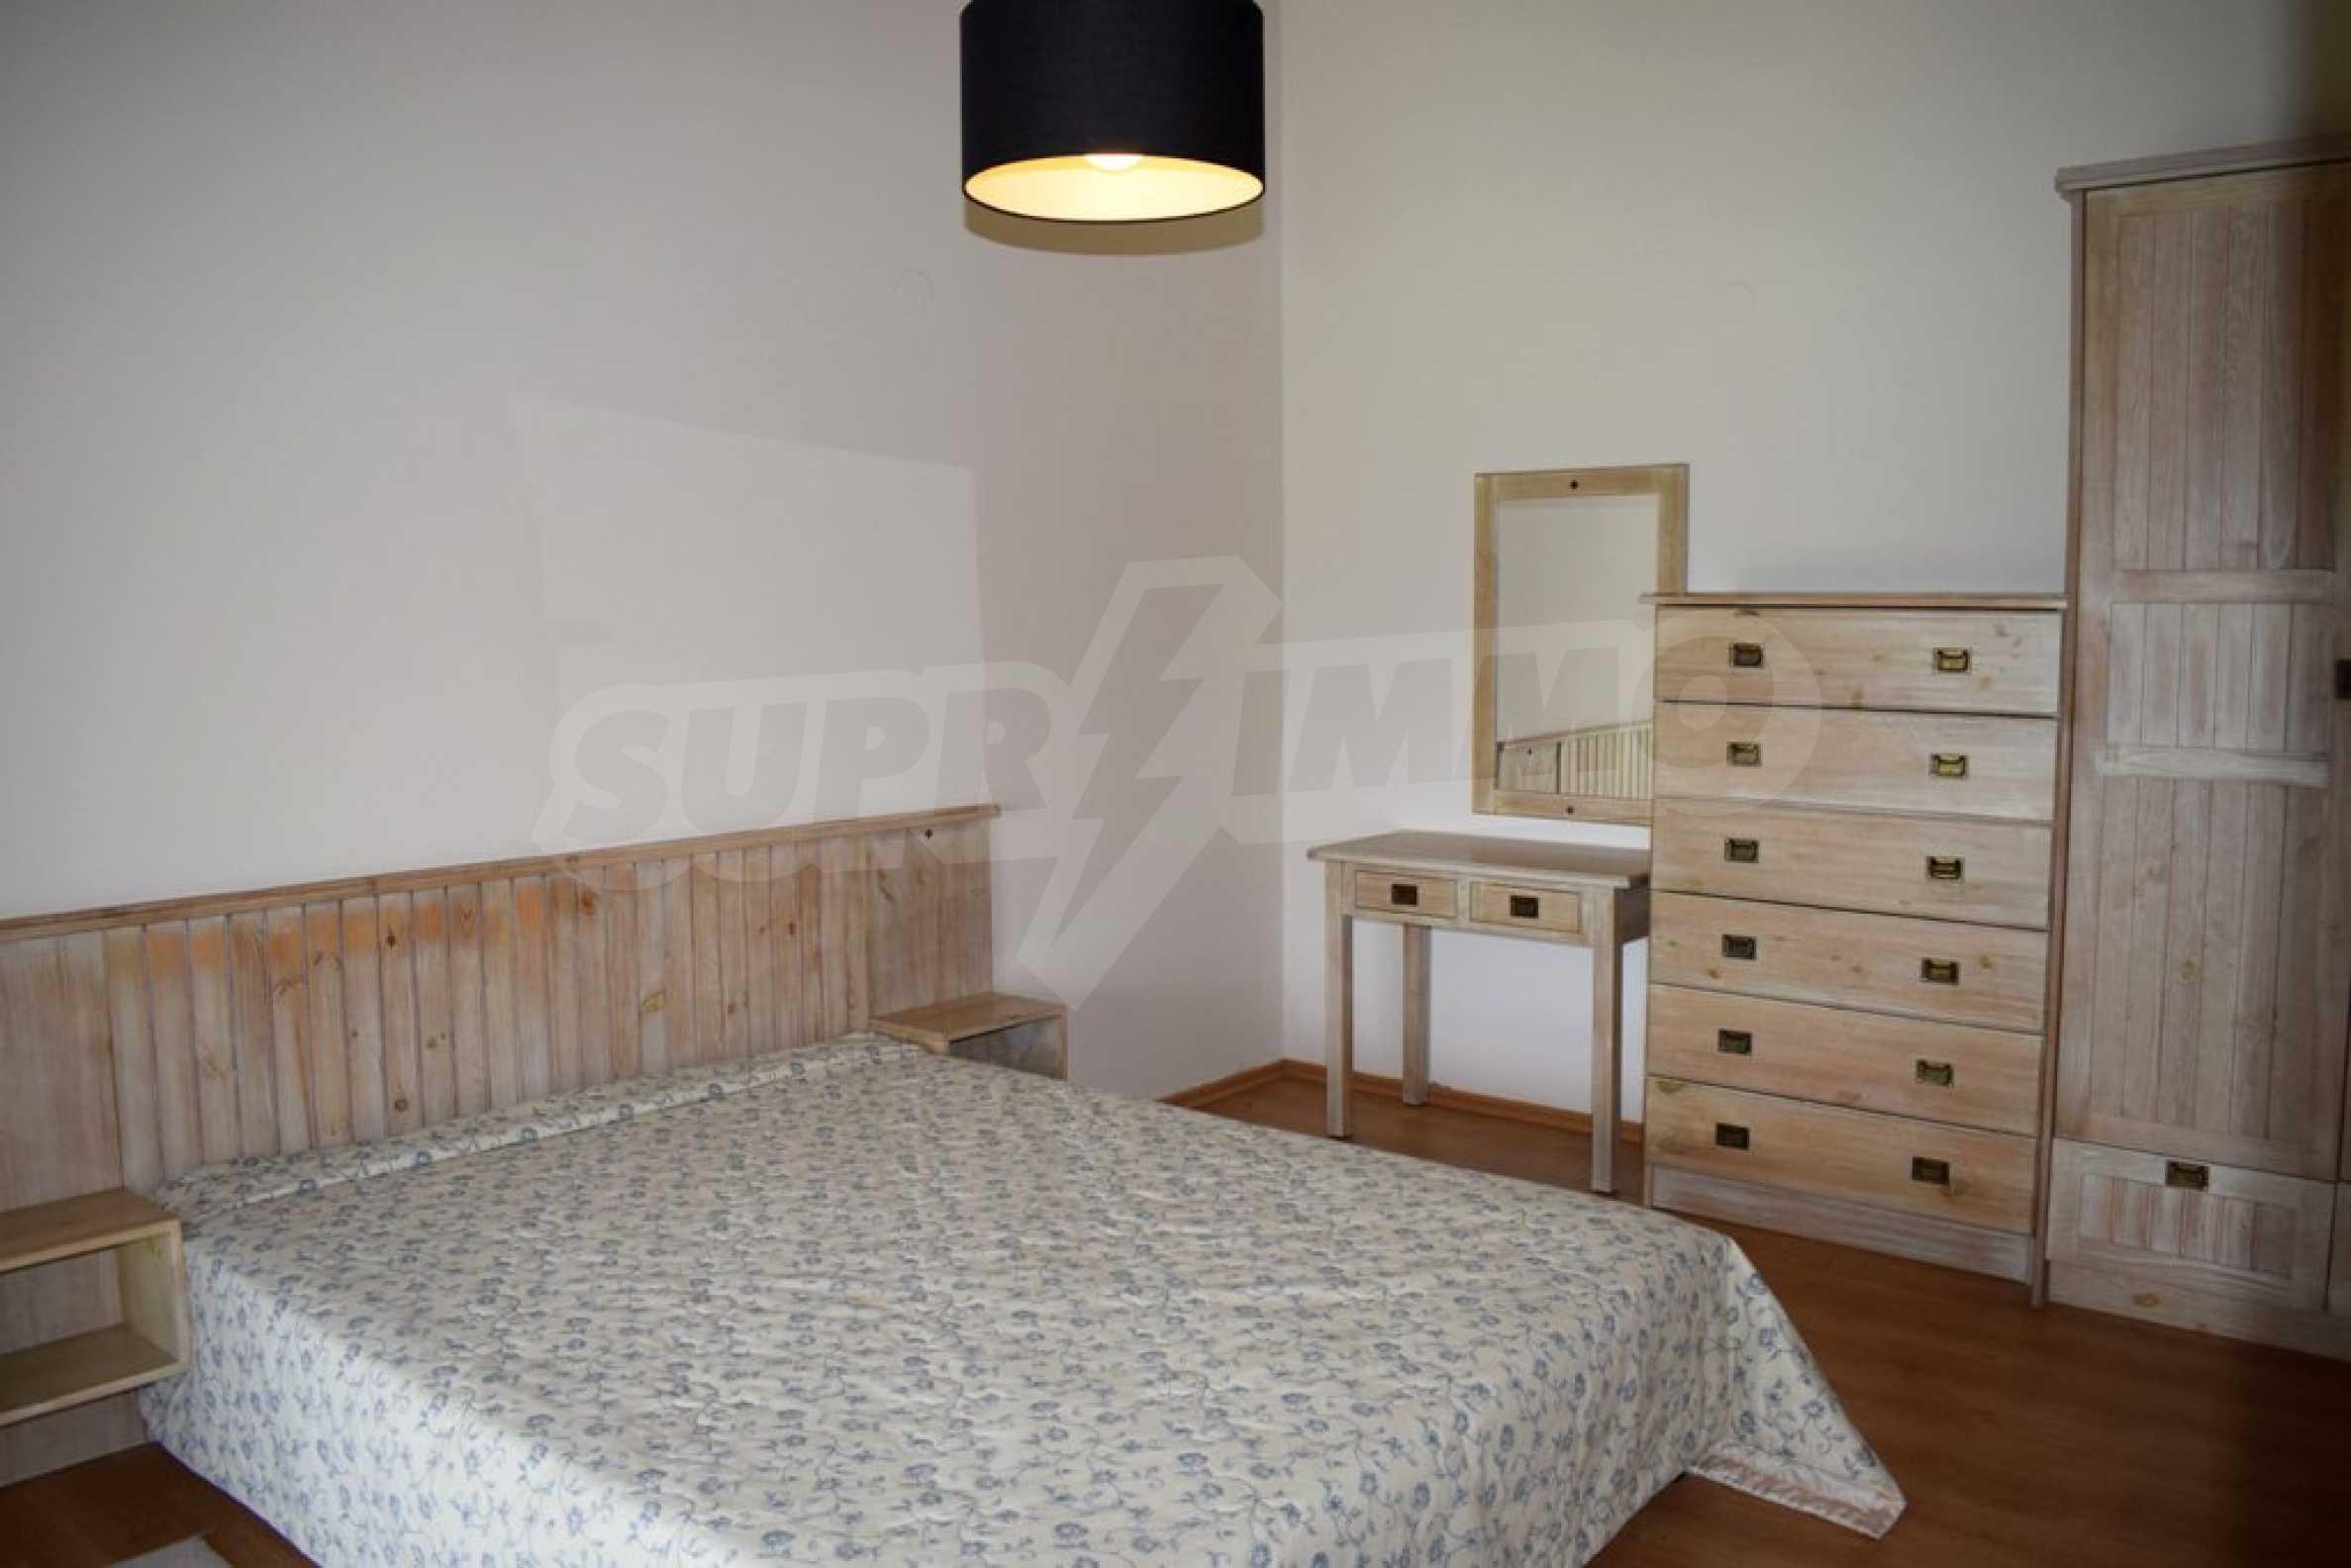 Двустаен апартамент в близост до голф игрище в района на Банско и Разлог 5